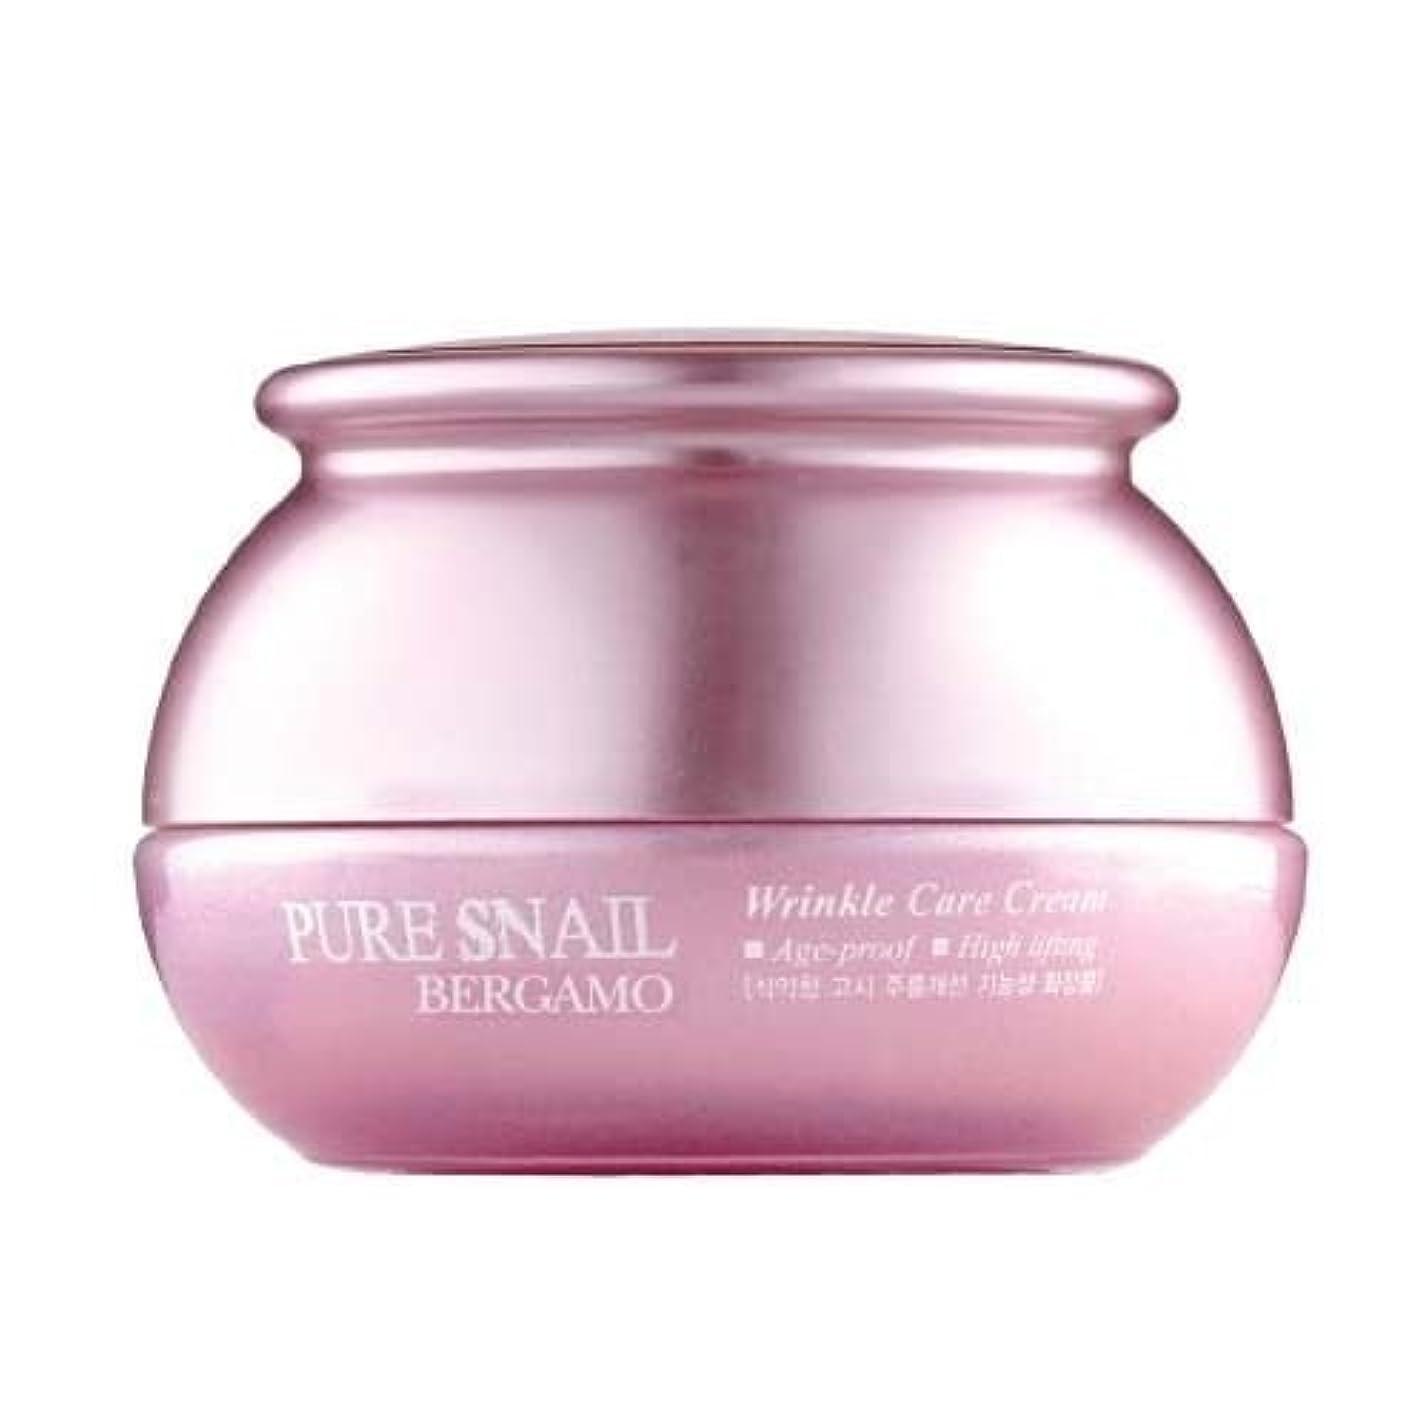 コック薄いです失礼ベルガモ[韓国コスメBergamo]Pure Snail Wrinkle Care Cream カタツムリリンクルケアクリーム50ml しわ管理 [並行輸入品]